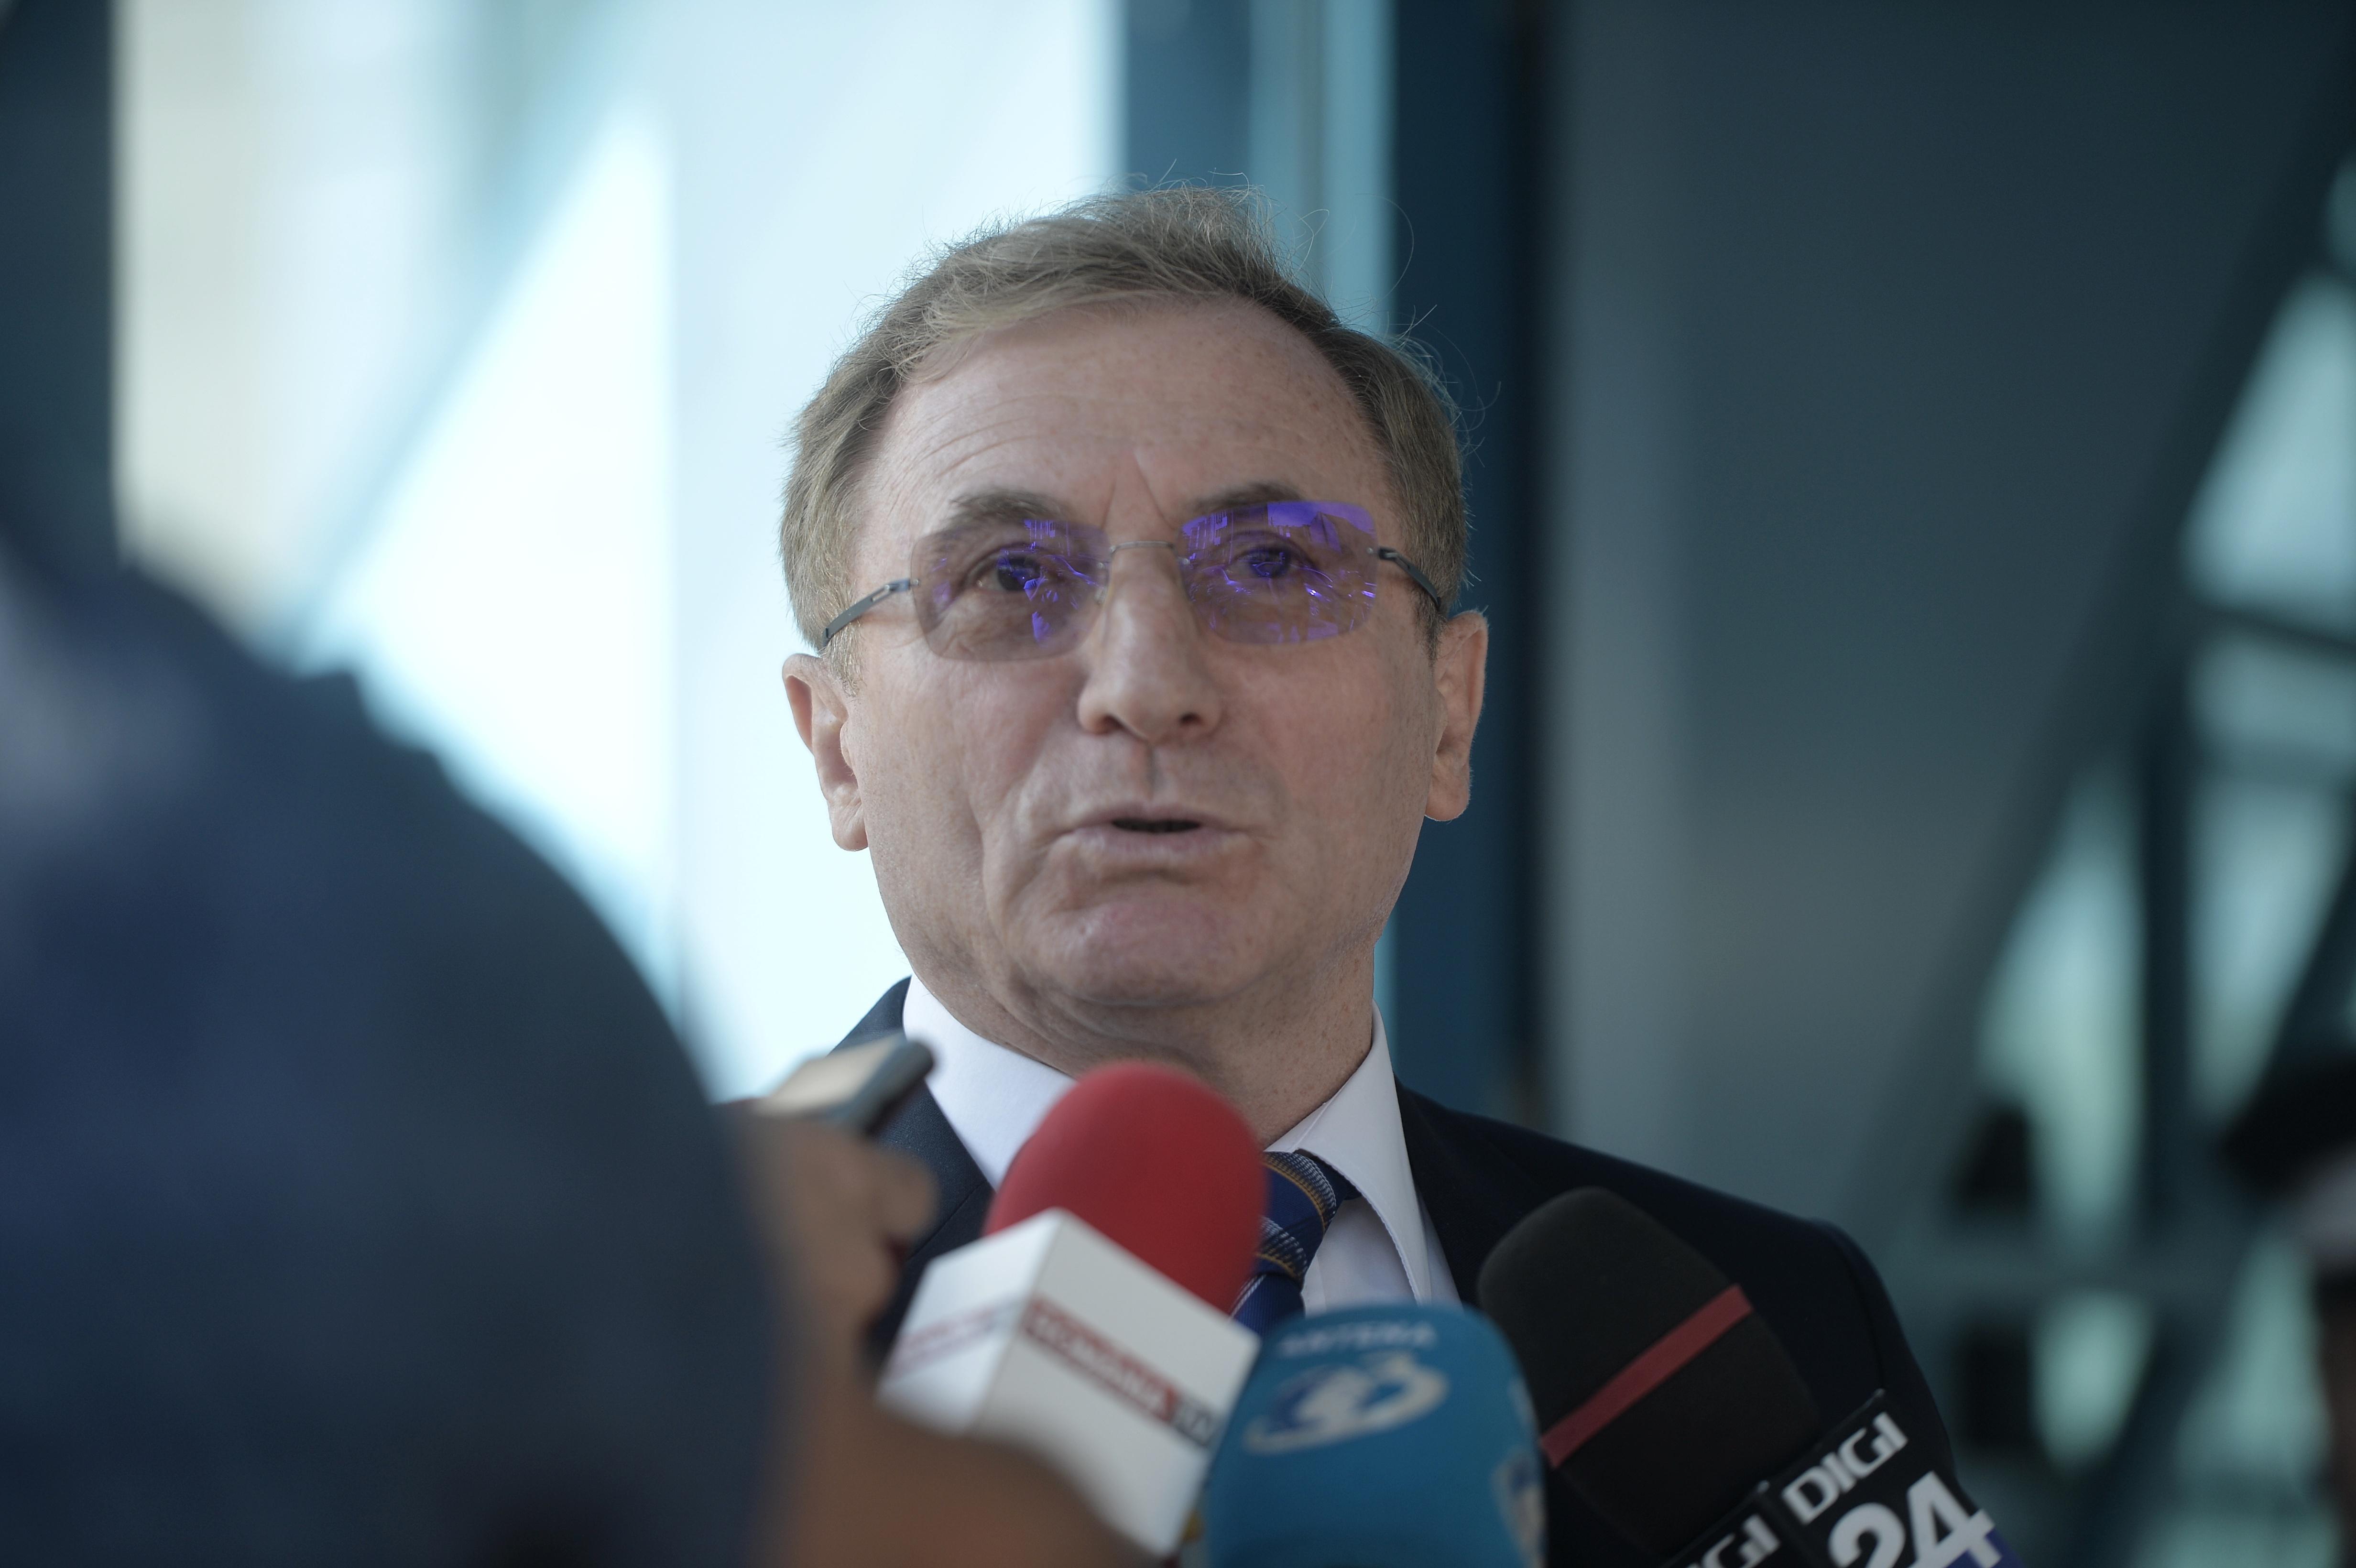 Lazăr anunţă că şi-a depus candidatura pentru un nou mandat de procuror general: Am mers la ministru | VIDEO